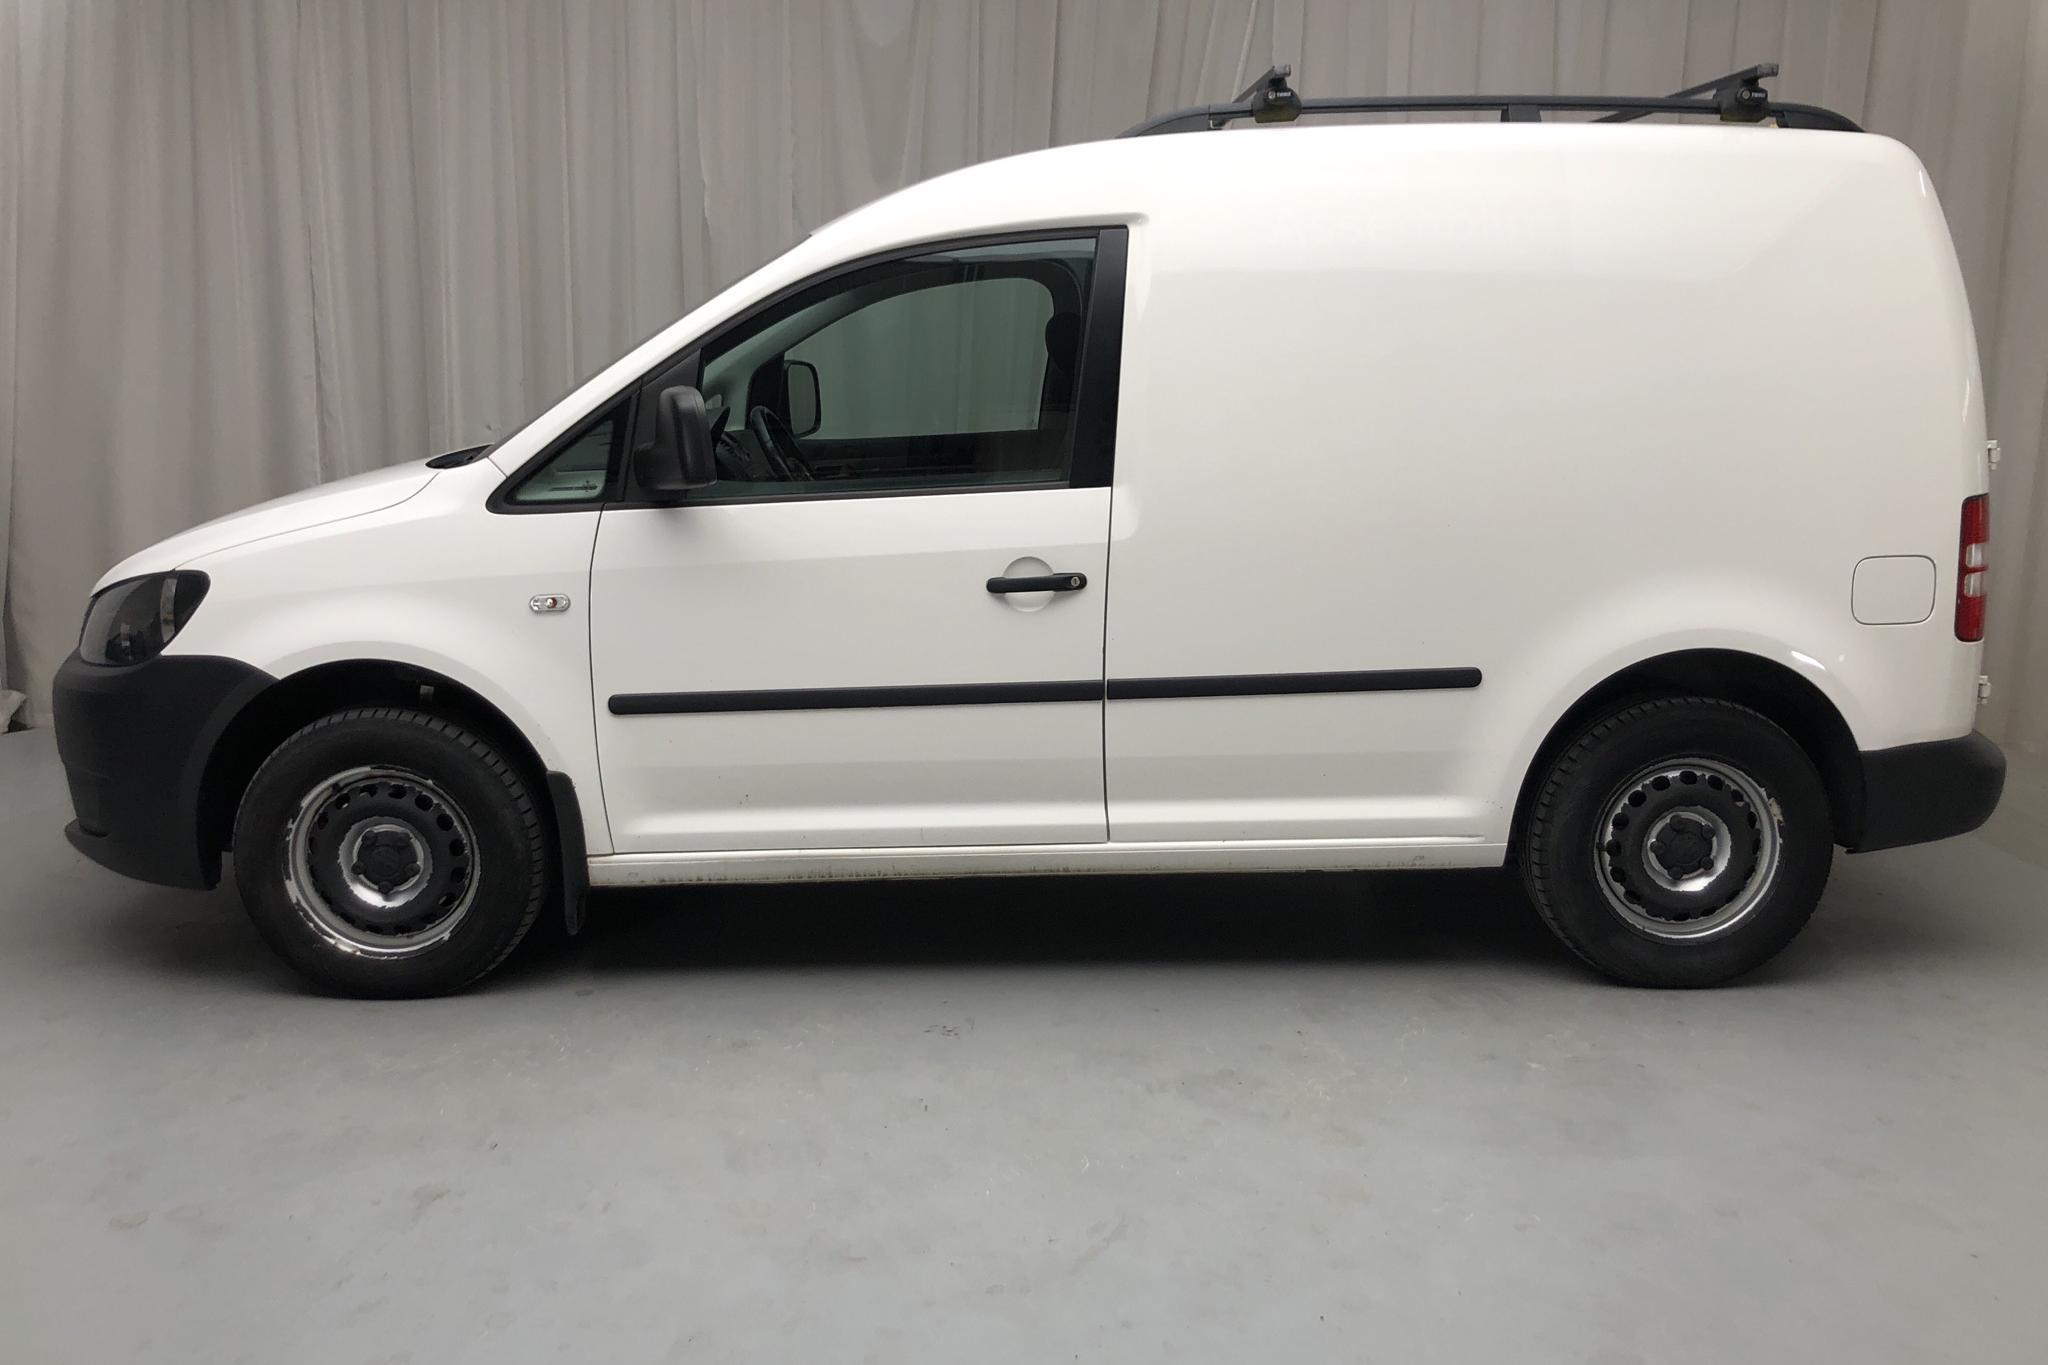 VW Caddy 1.6 TDI Skåp (102hk) - 5 517 mil - Manuell - vit - 2014